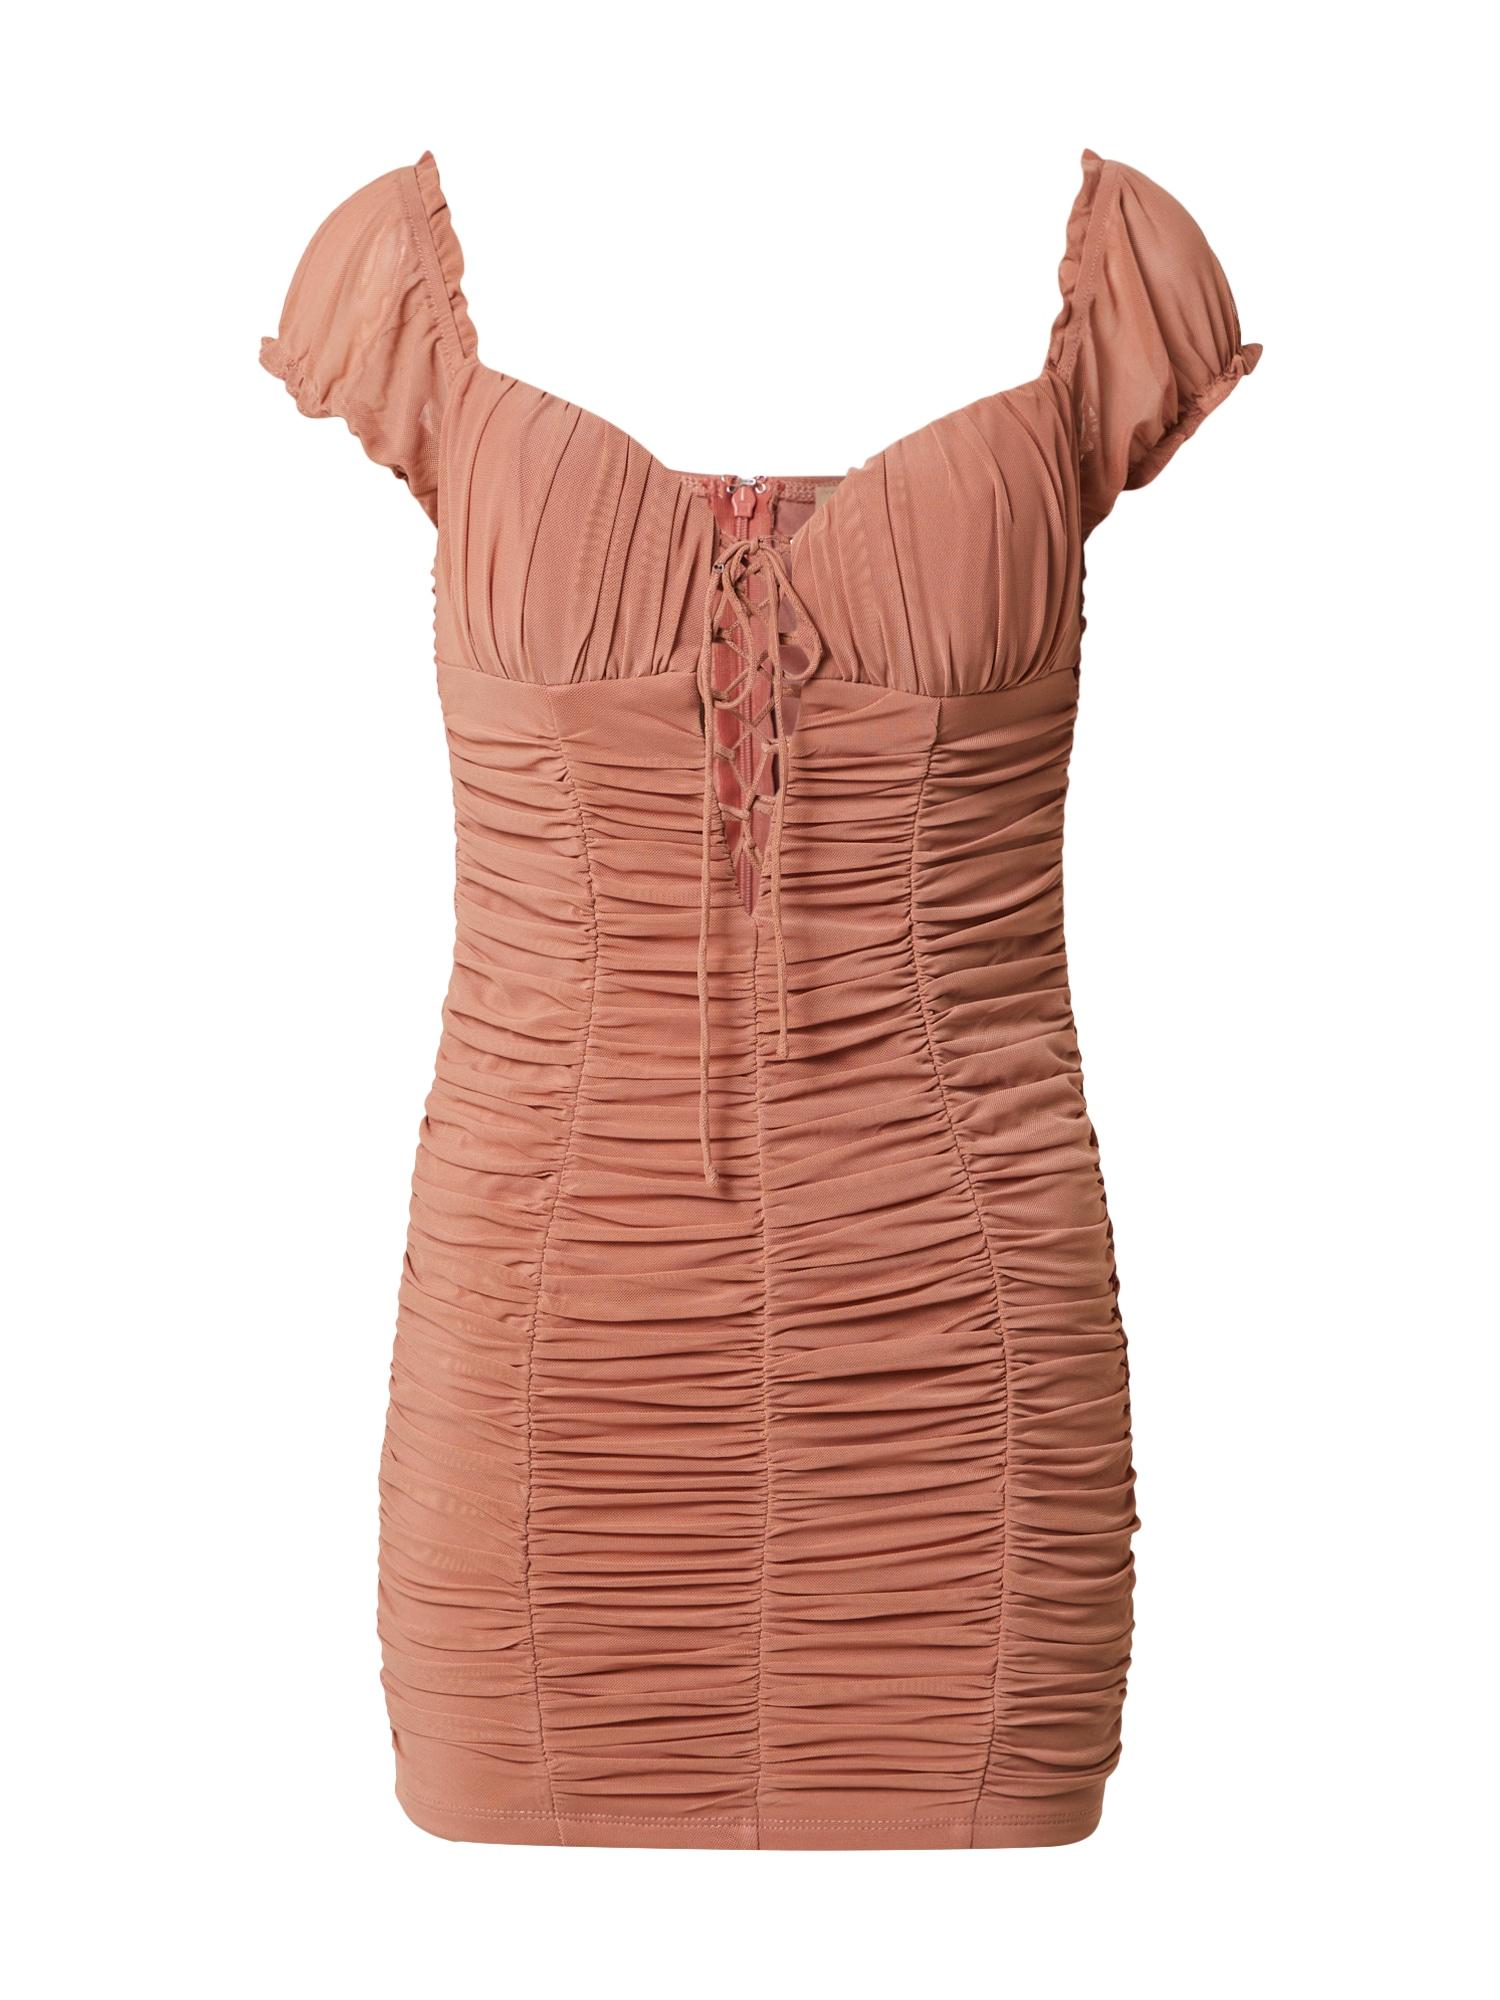 Love Triangle Suknelė ryškiai rožinė spalva